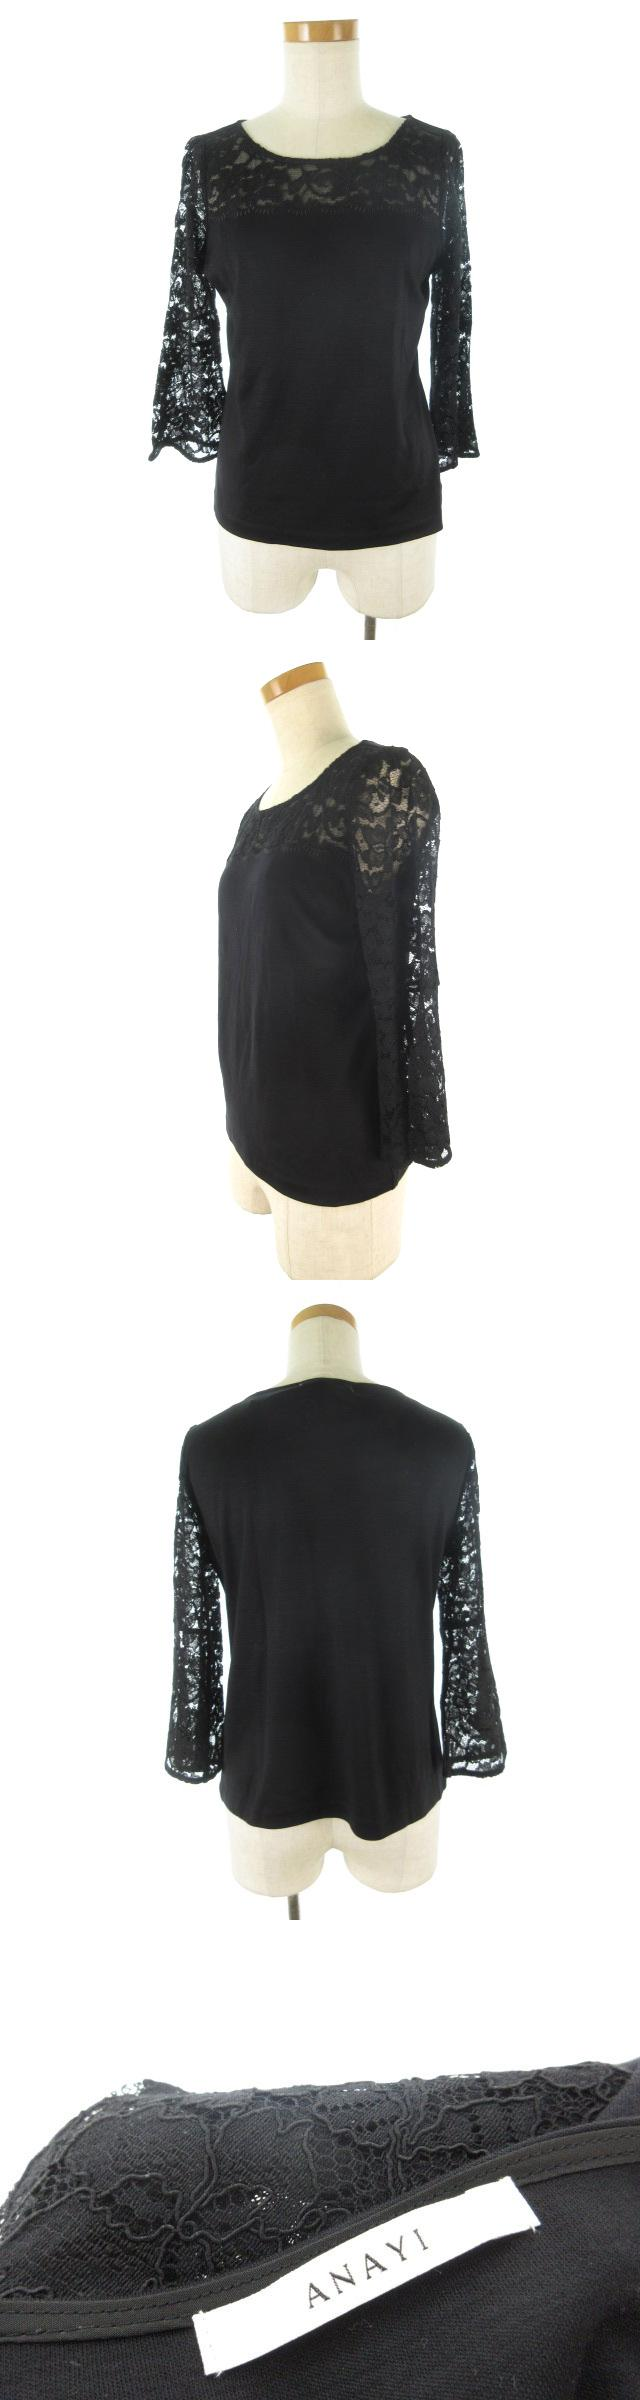 七分袖 カットソー 袖刺繍 レース 花柄 フラワー 黒 ブラック 38 美品 トップス